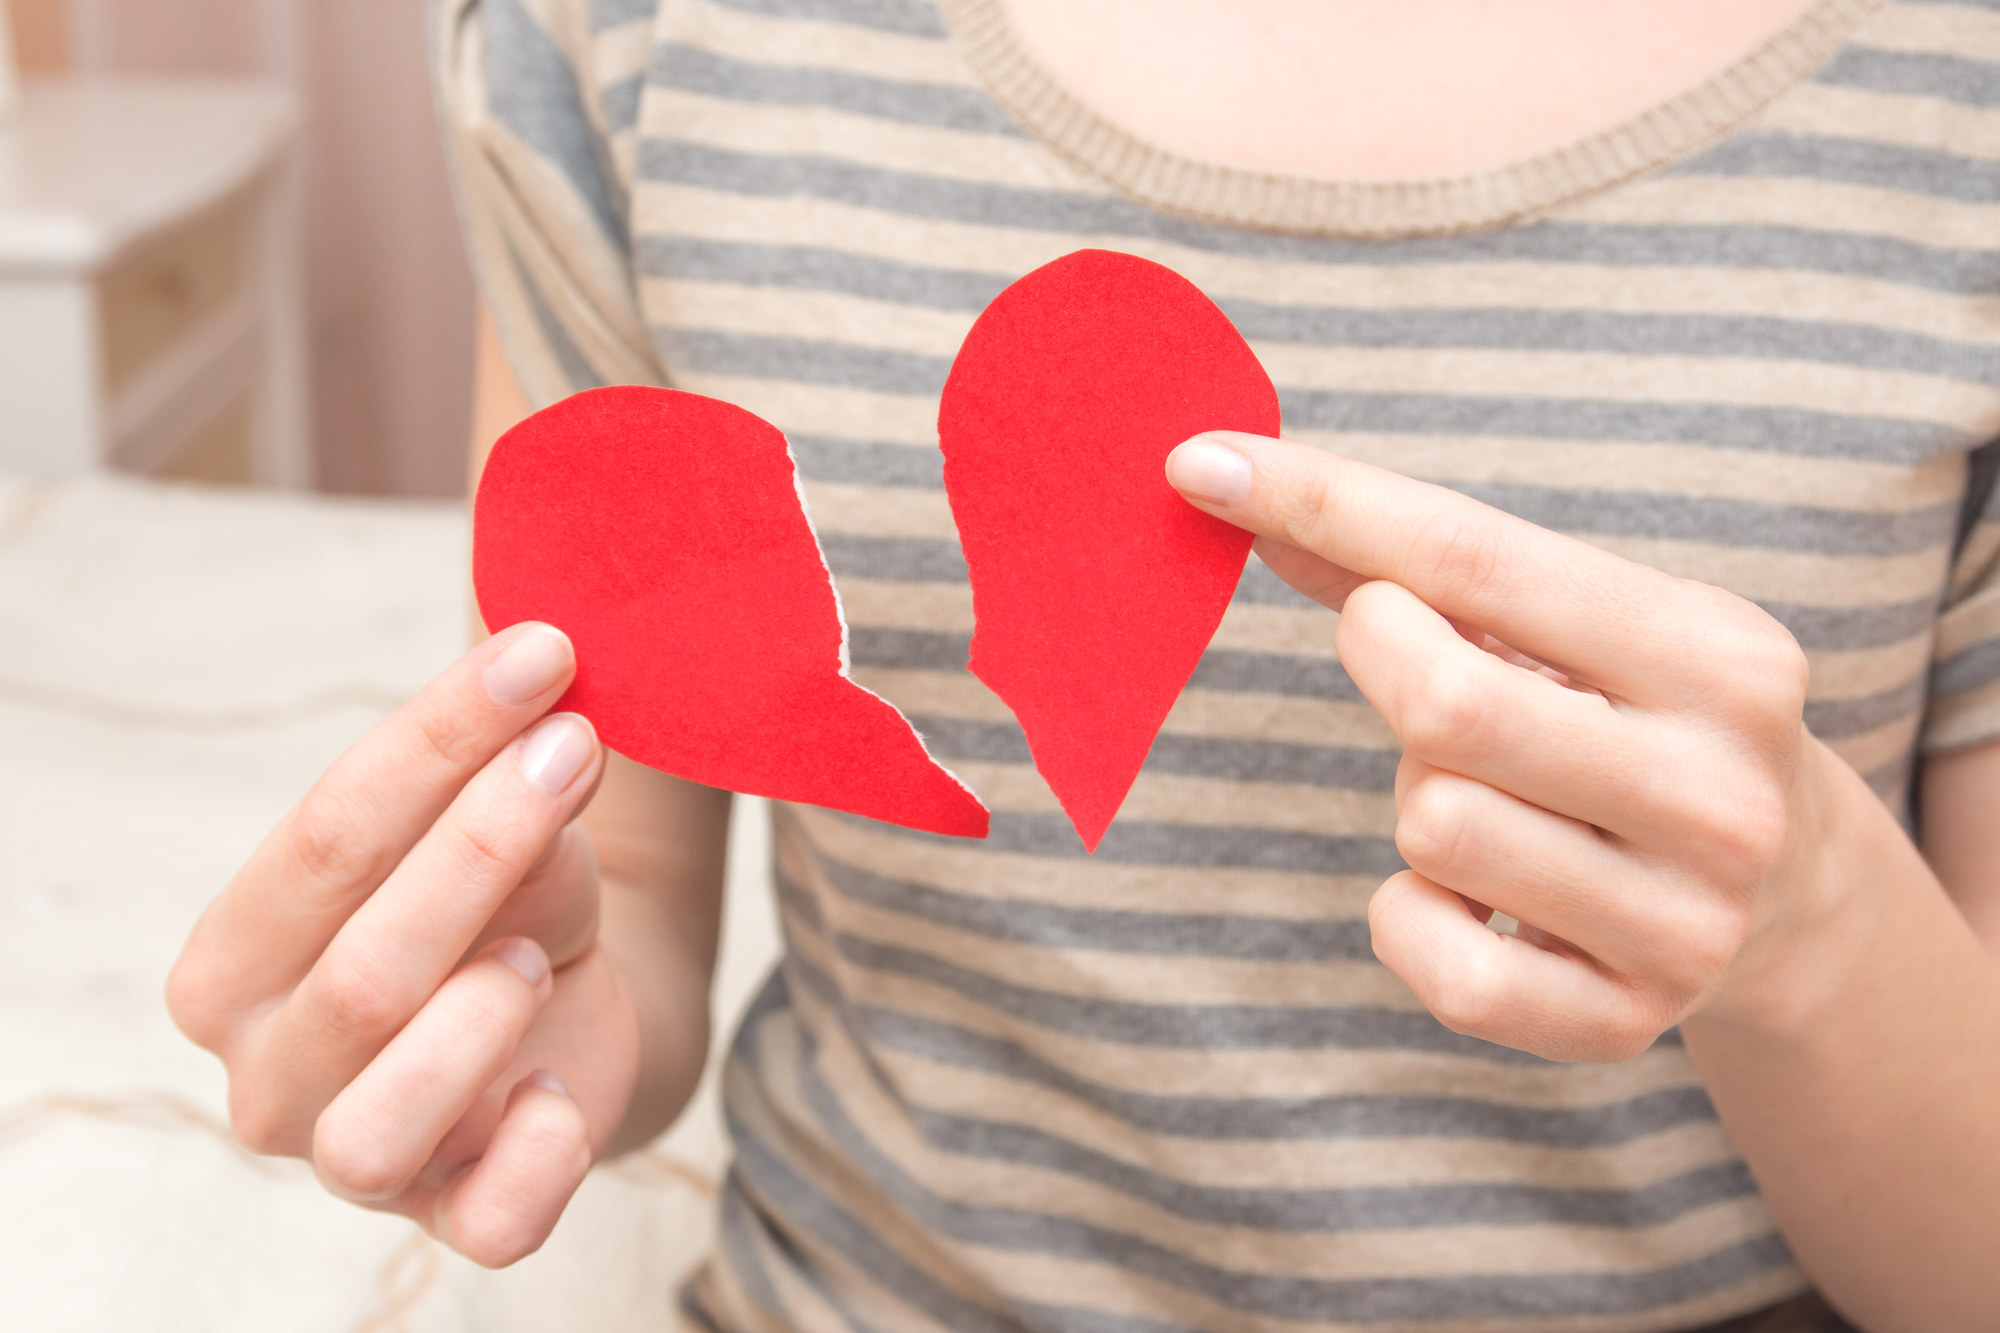 Broken heart in hands